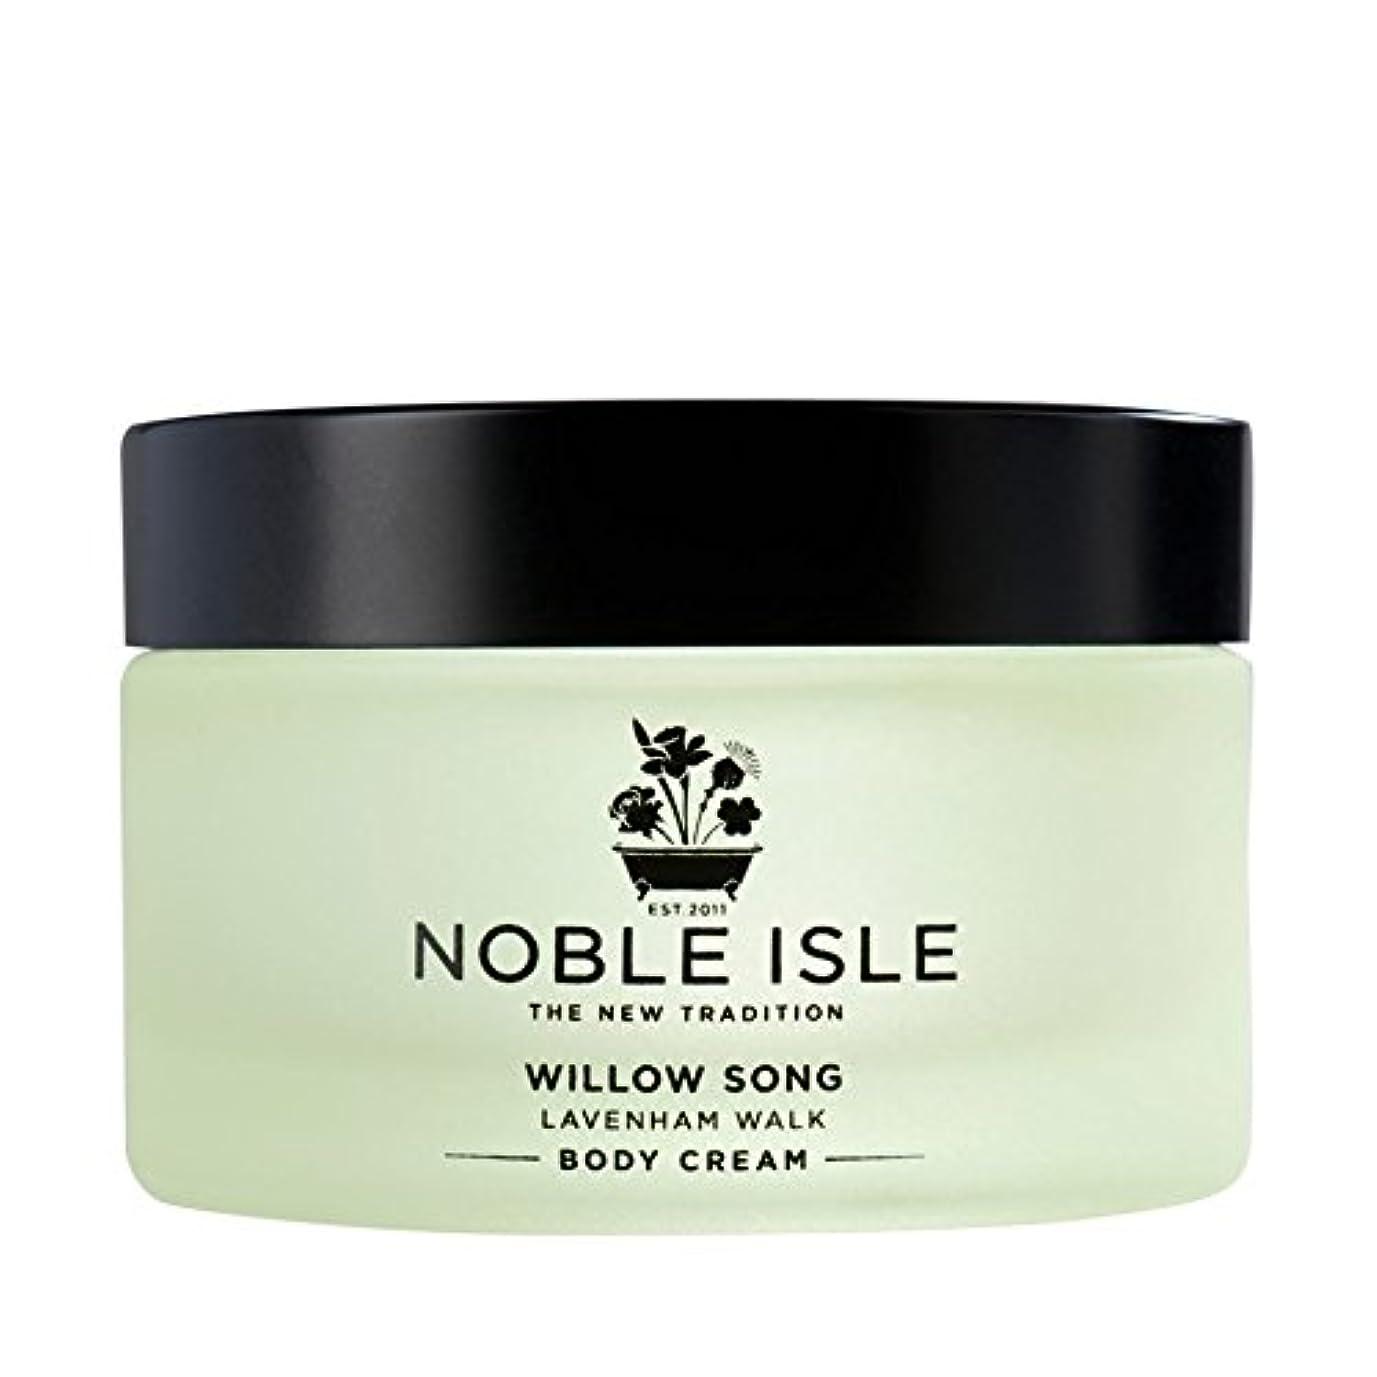 別の円形の忘れる高貴な島柳の歌ラヴァンハム徒歩ボディクリーム170ミリリットル x2 - Noble Isle Willow Song Lavenham Walk Body Cream 170ml (Pack of 2) [並行輸入品]